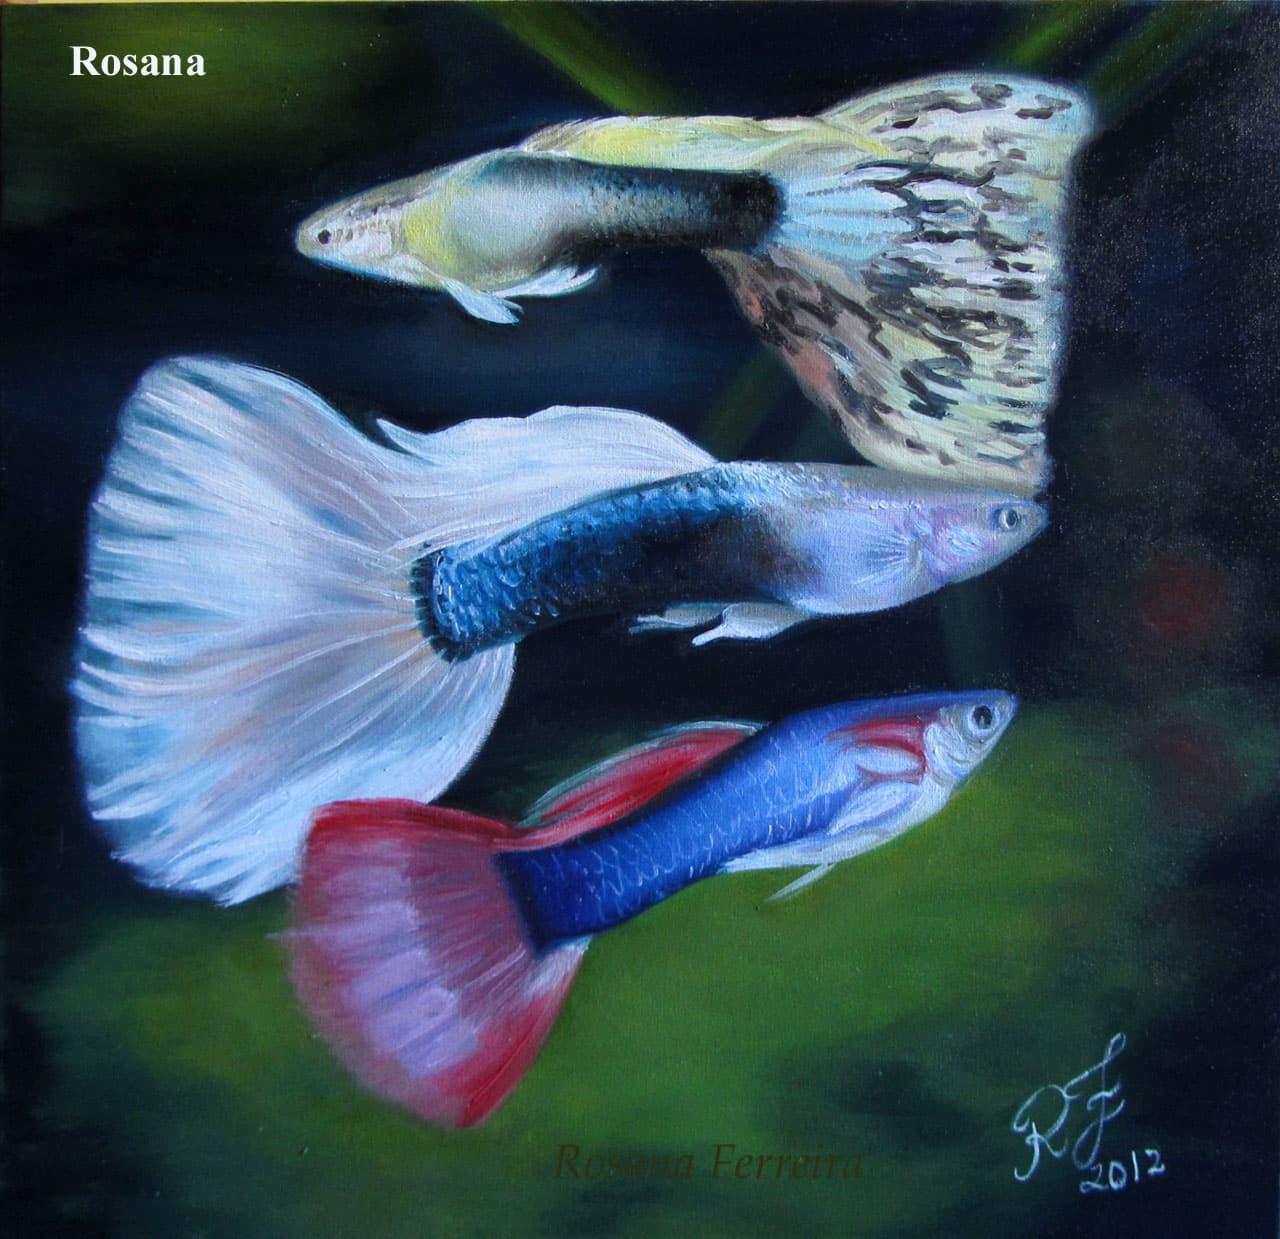 Arte no aquarismo - Lebistes